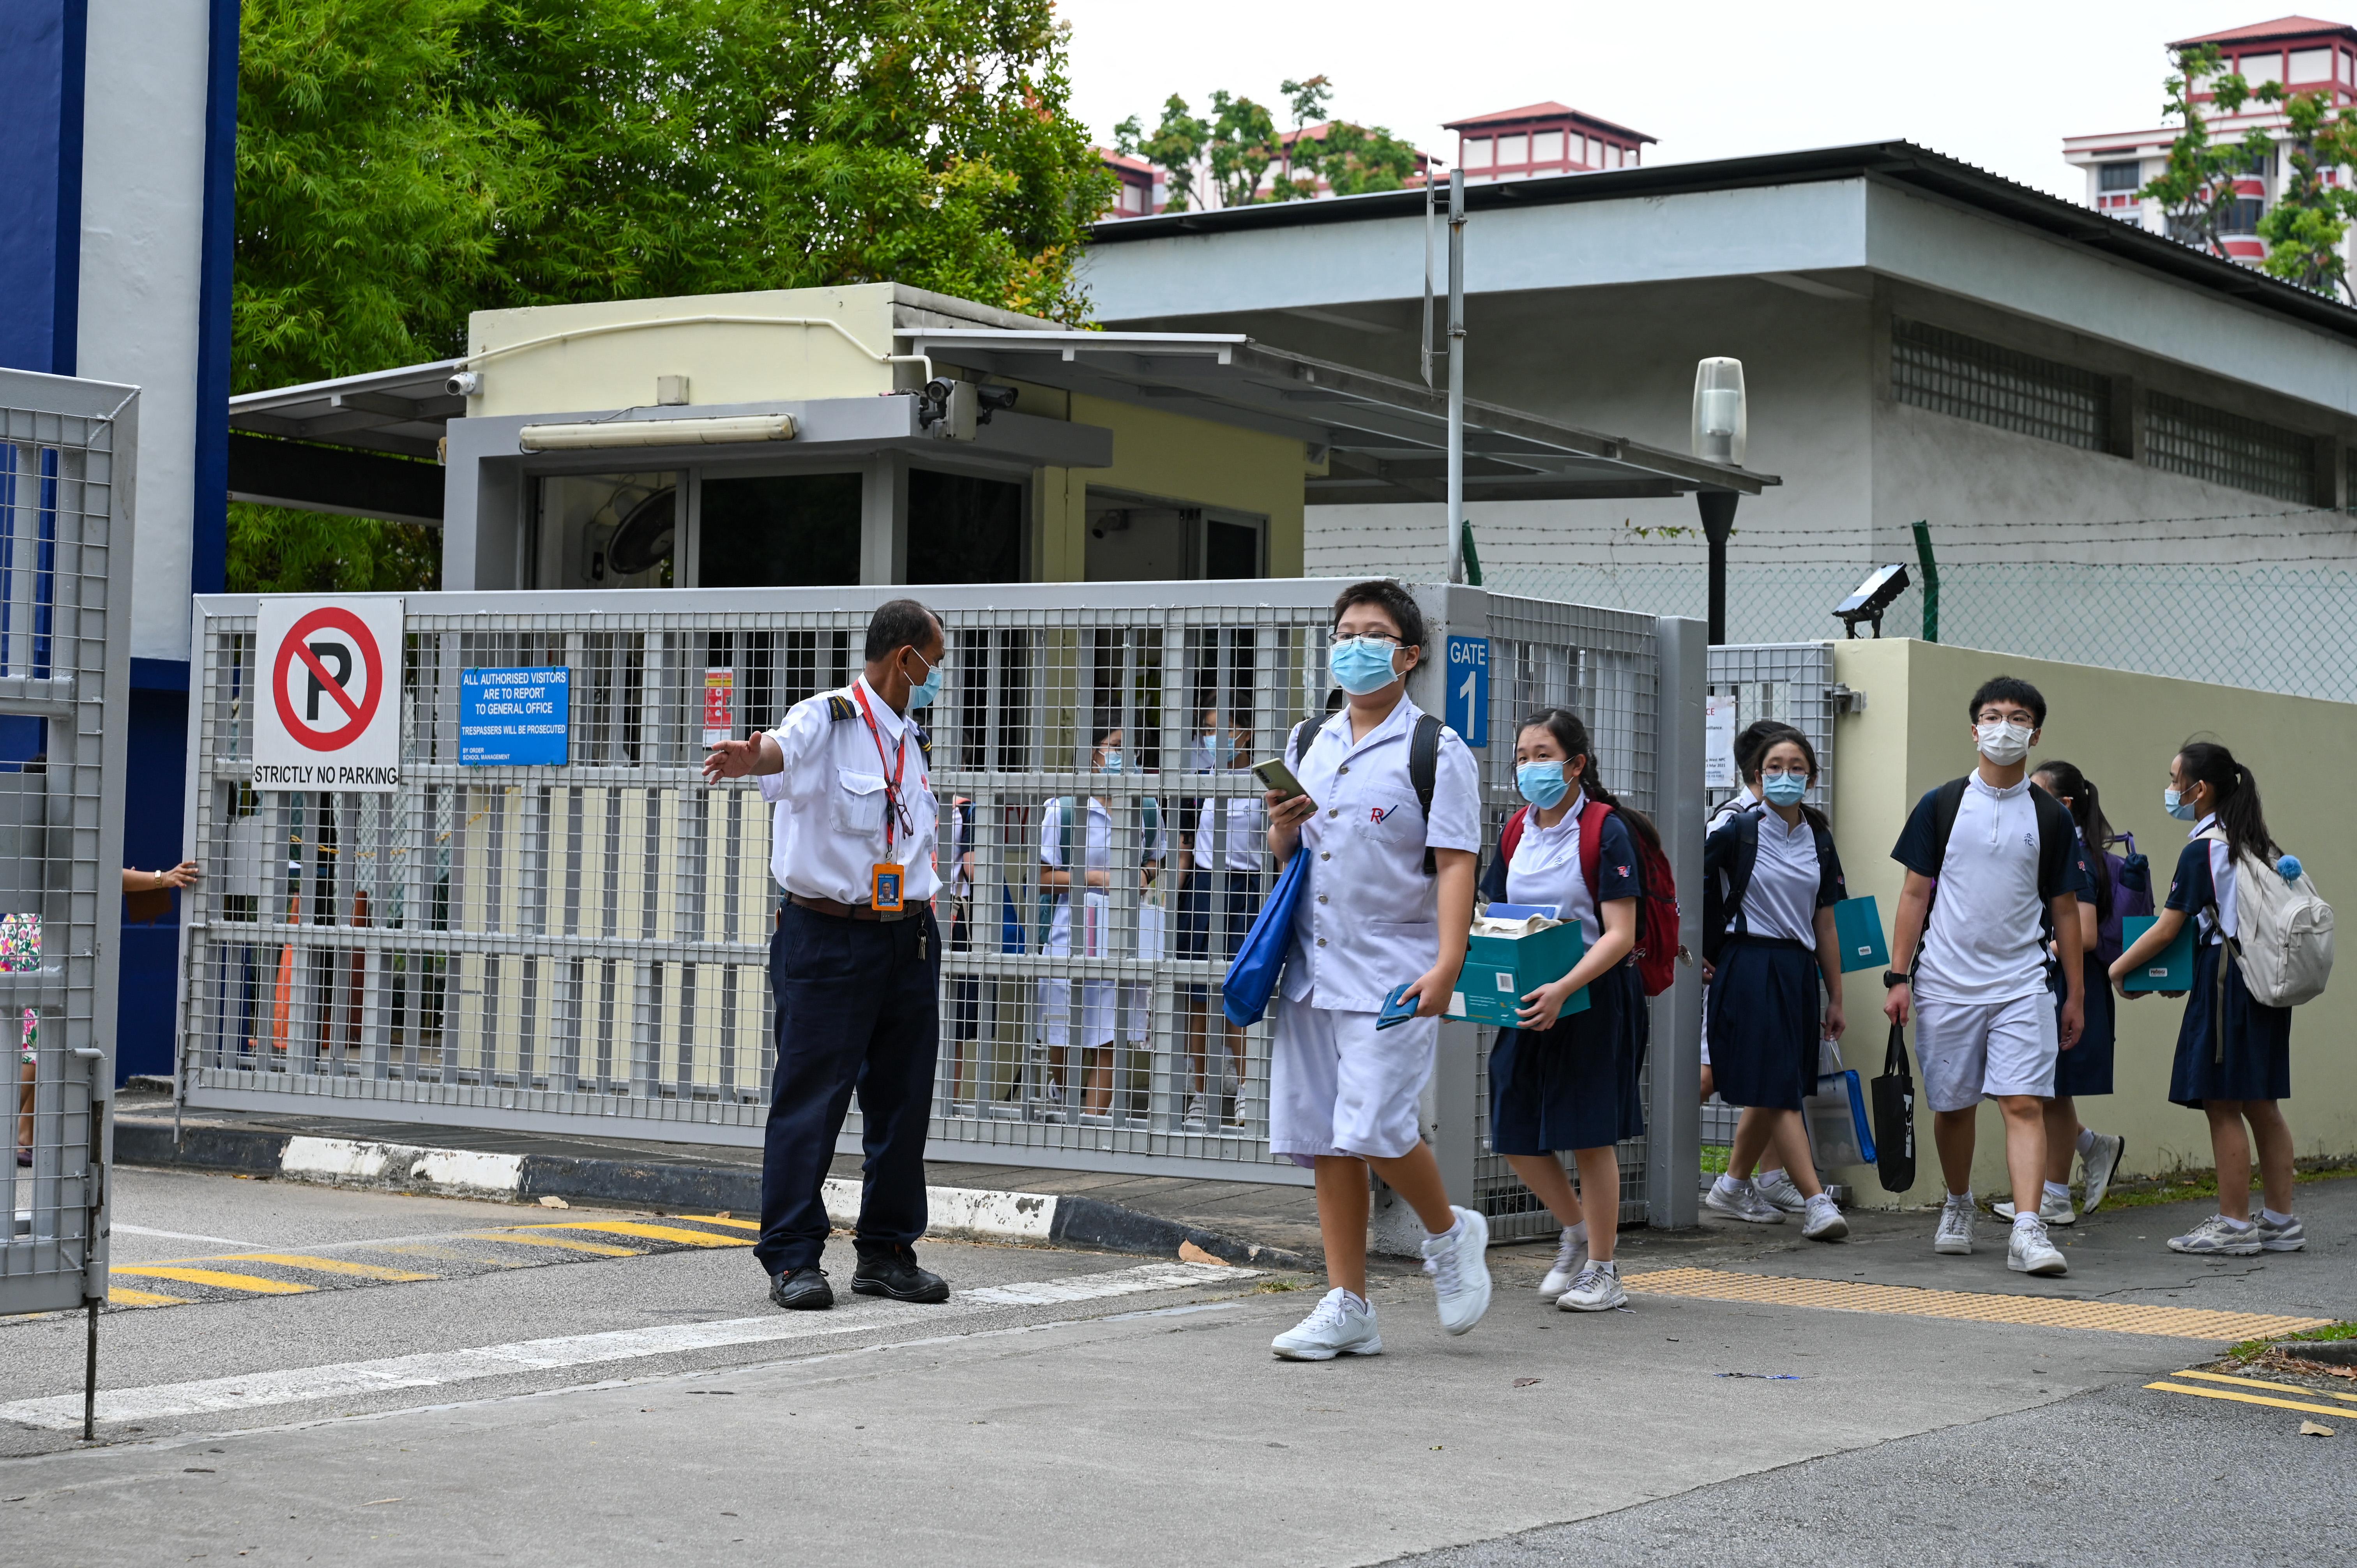 Szingapúrban iskolabezárással védik az oltatlan 12 év alattiakat